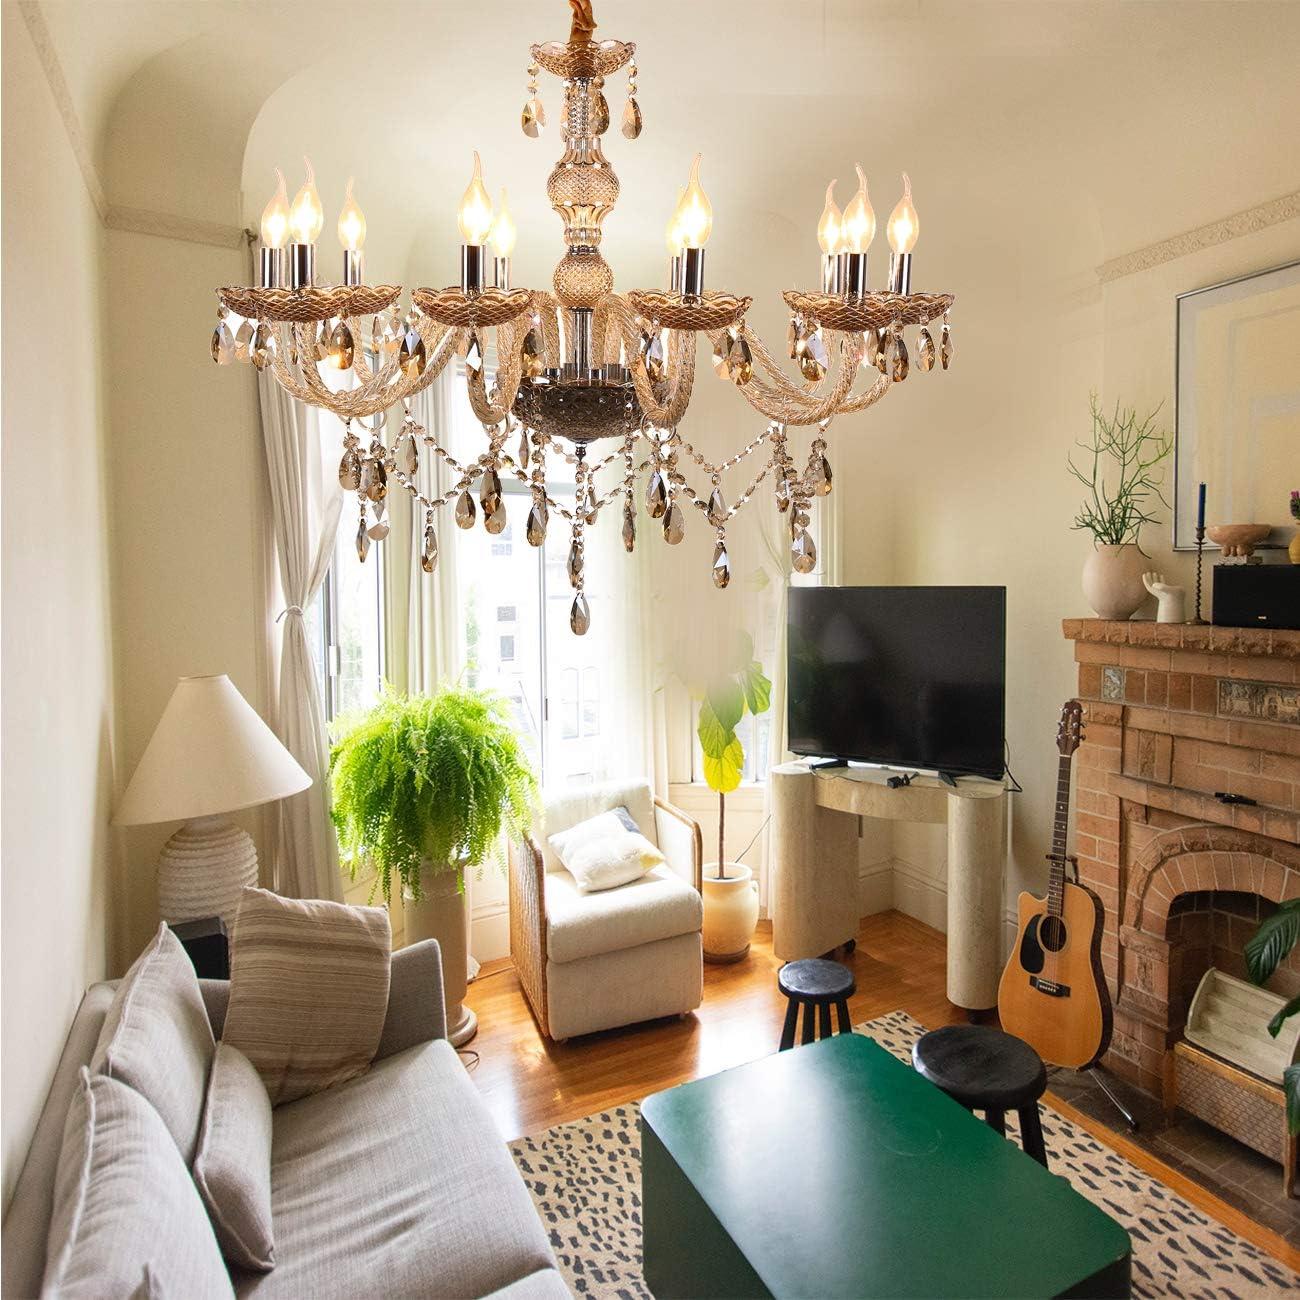 Samger 10 Arm Leuchter K9 Kristallglas Deckenleuchte E12 Anh/änger Lampe Cognac Farbe zum Wohnzimmer Schlafzimmer Flureingang